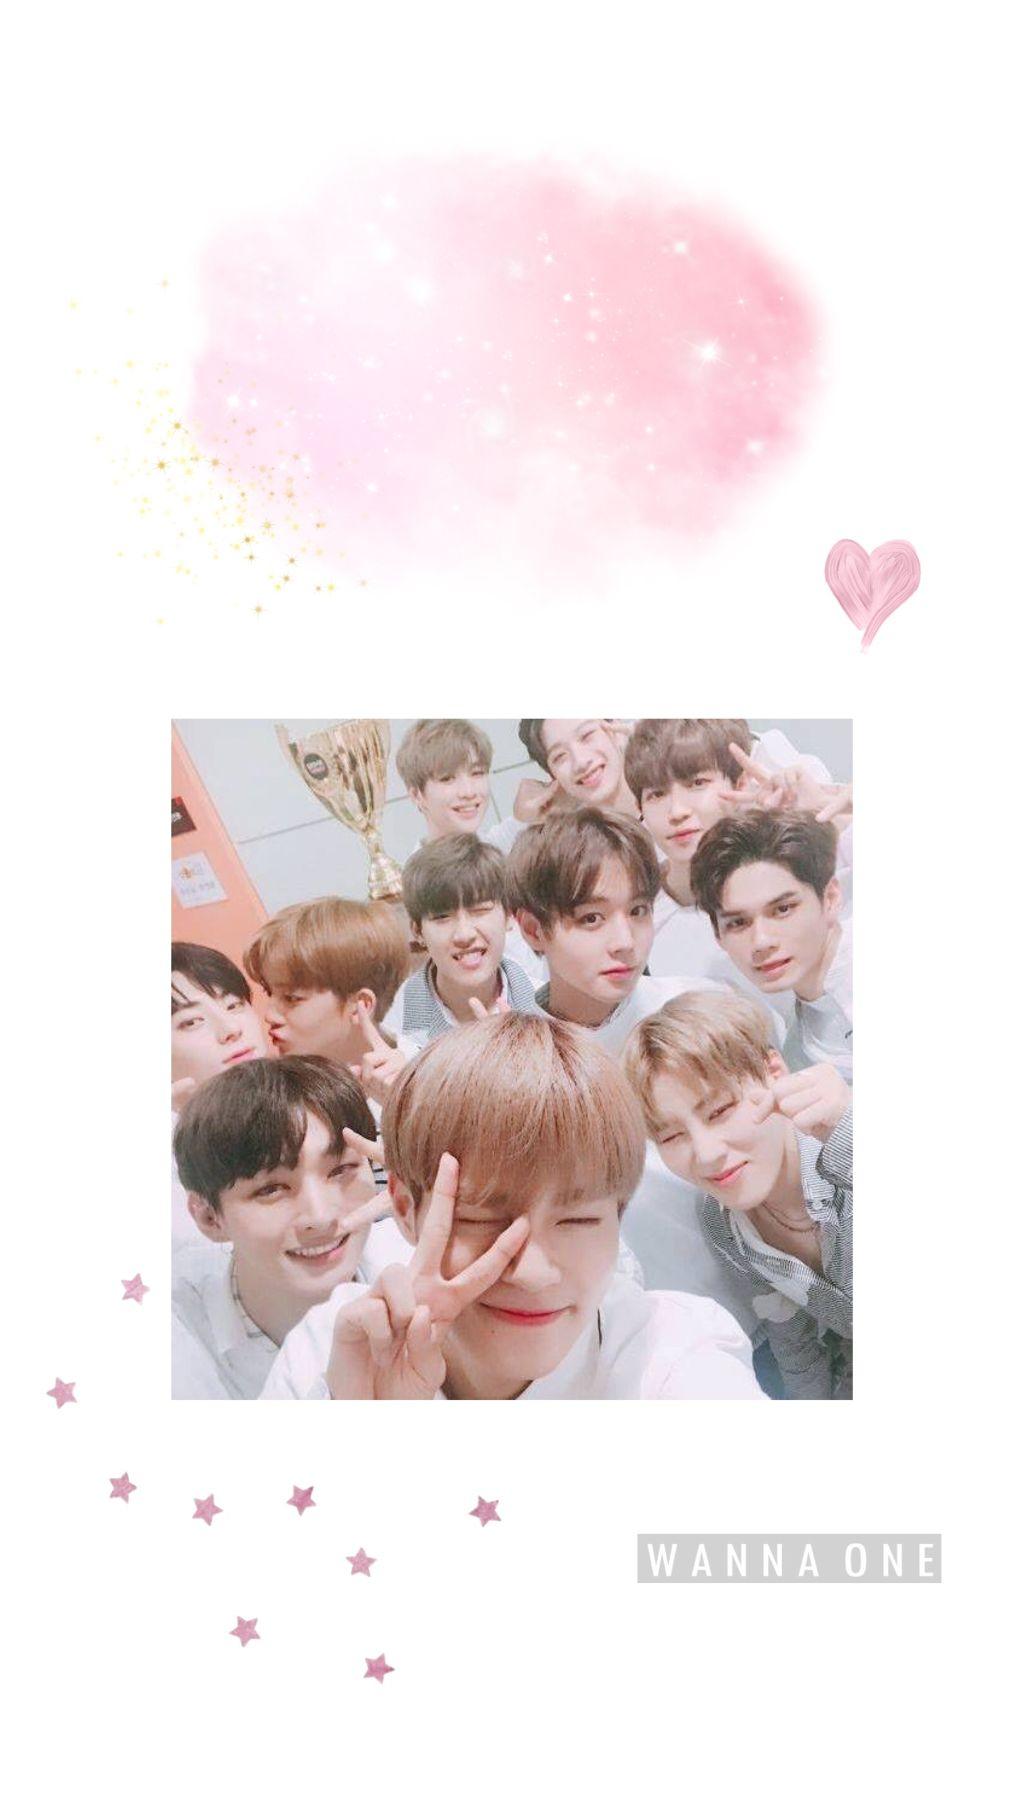 Wannaone Korea Kpop Fancy Cute Funny Love Wallpaper